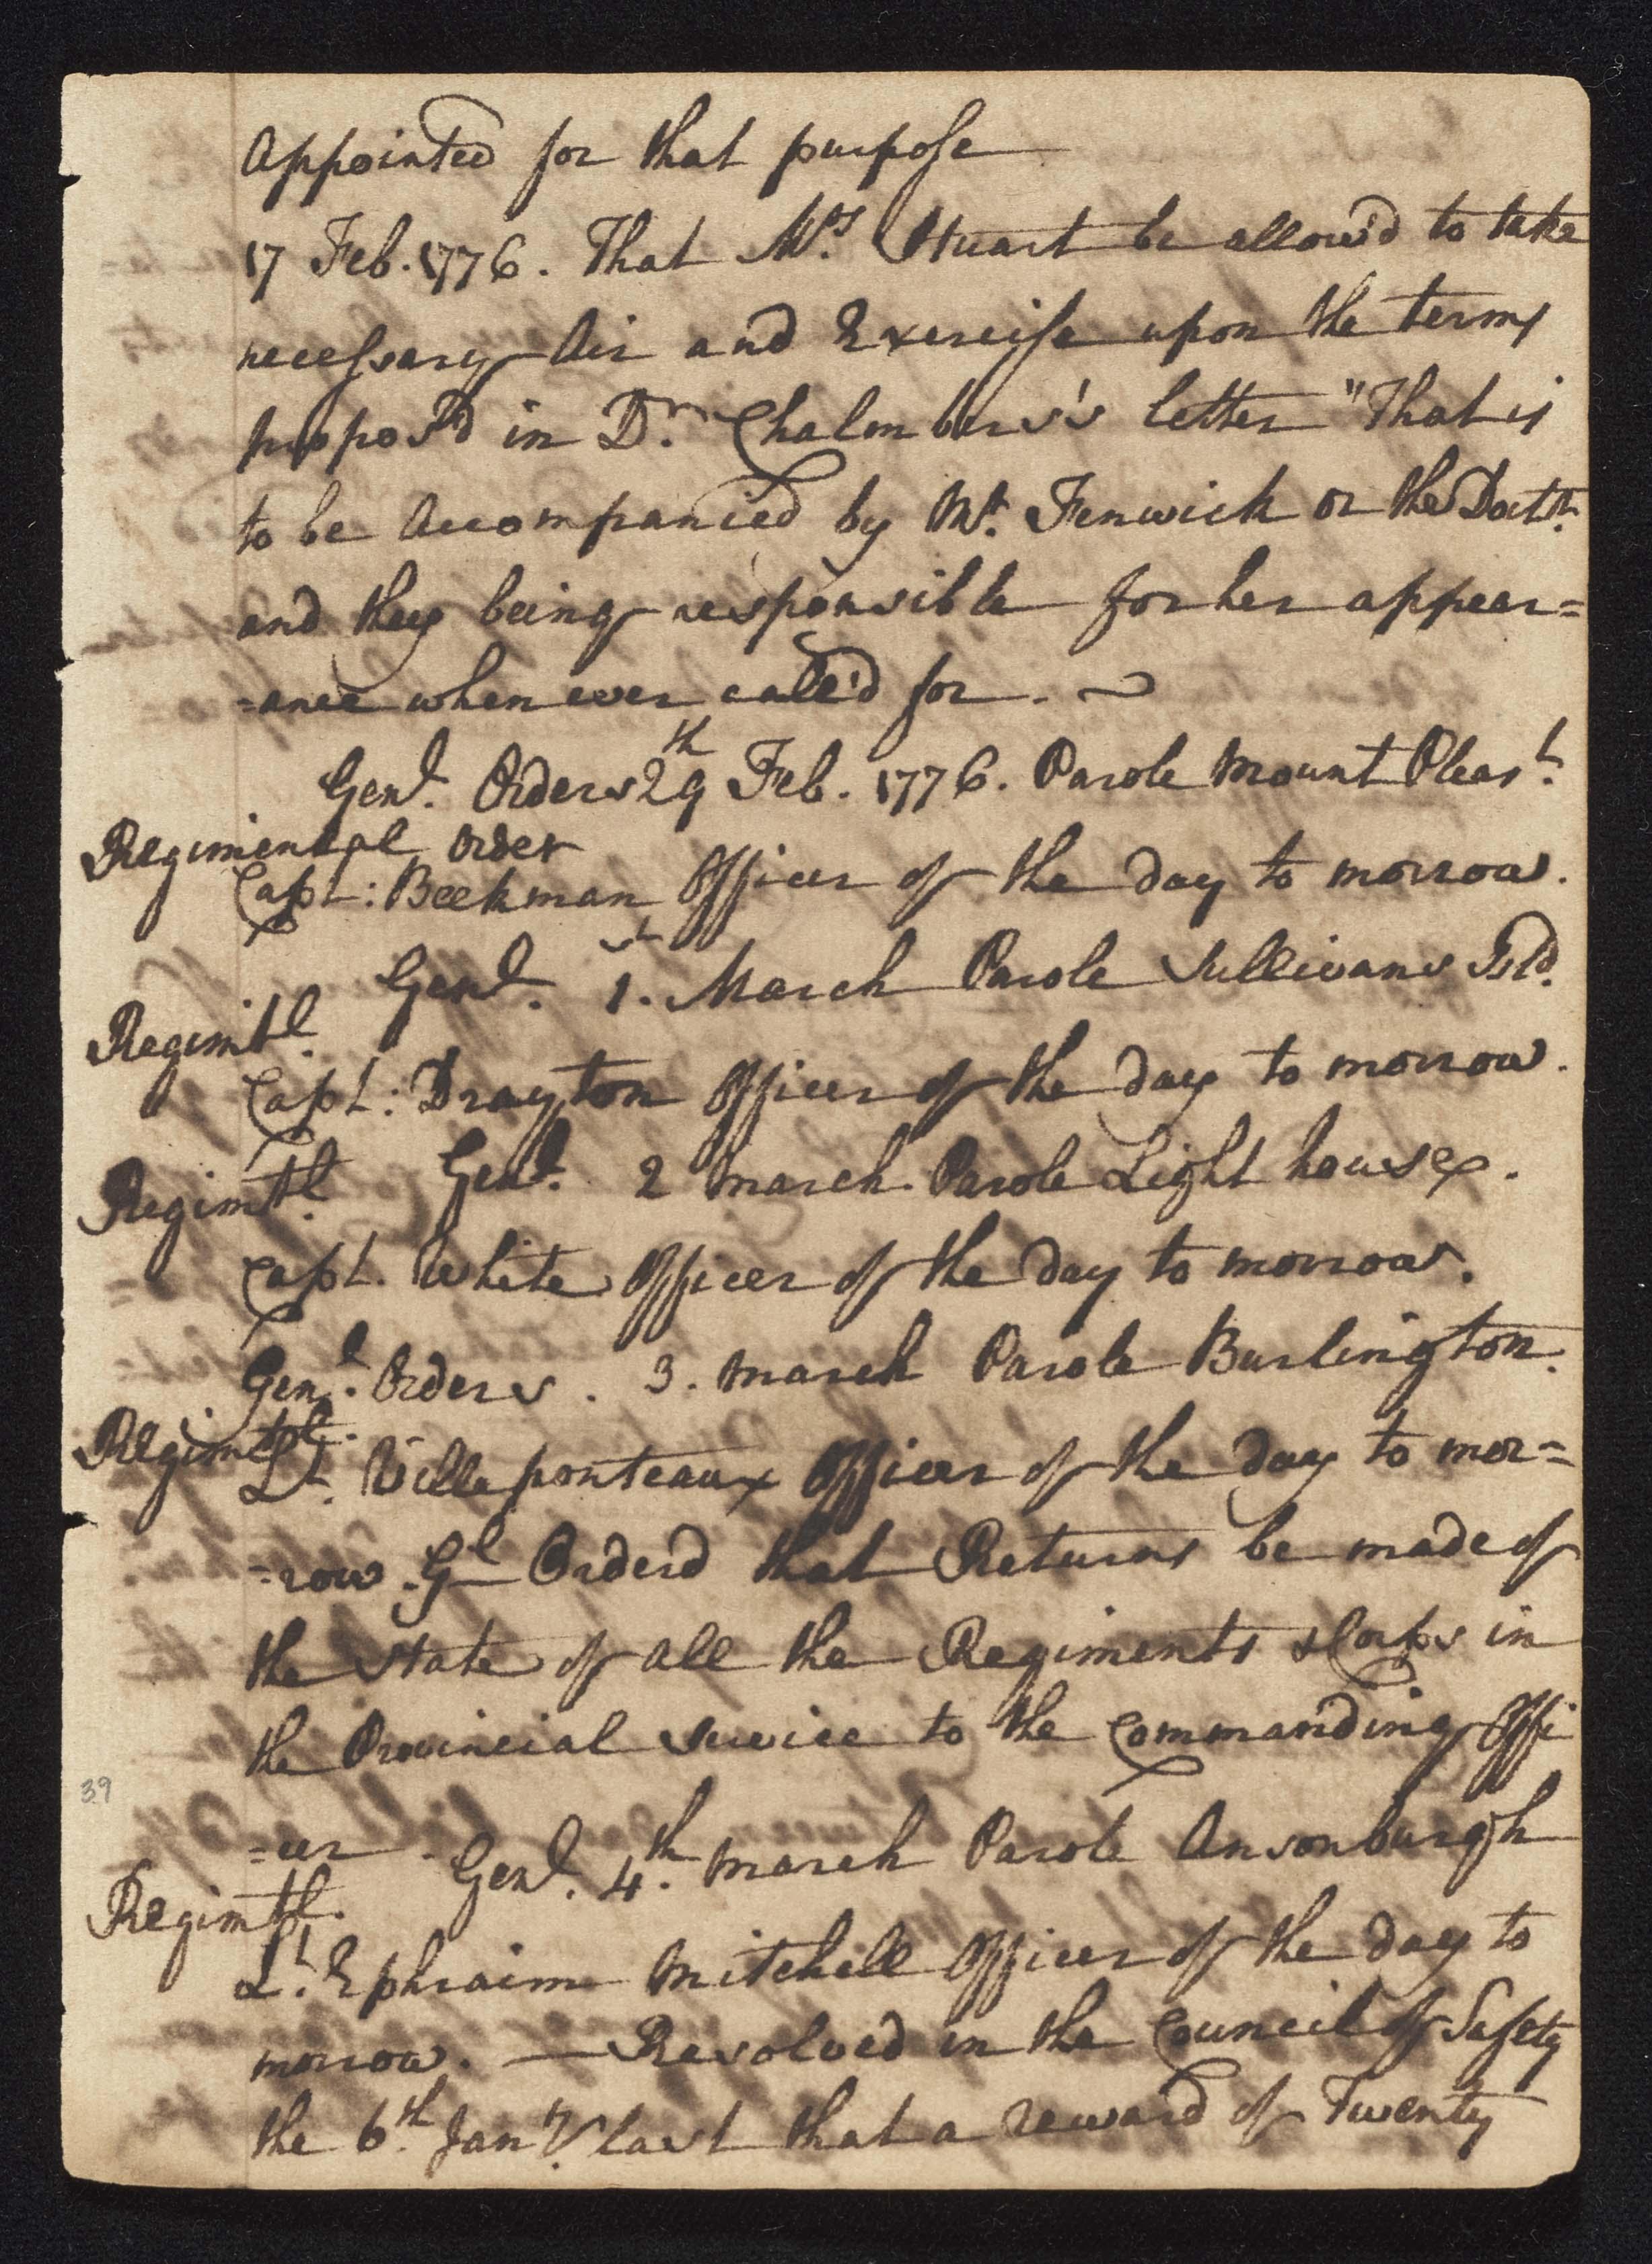 South Carolina Regiment Order Book, Page 77